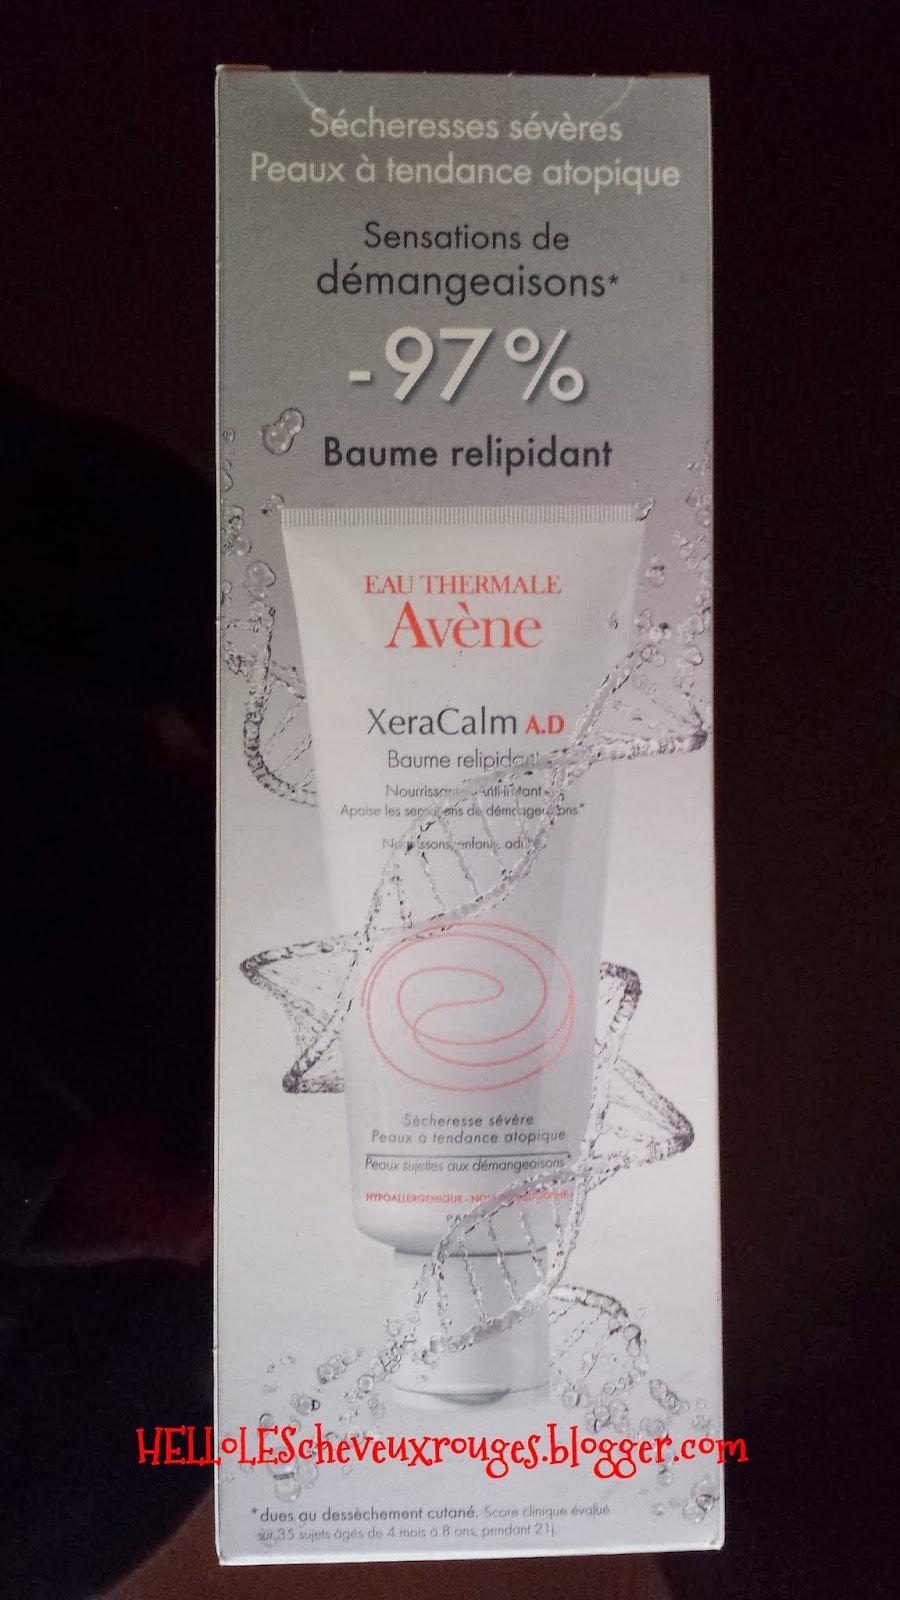 packaging vue de derrière du carton du Xéracalm A.D. de chez Avène